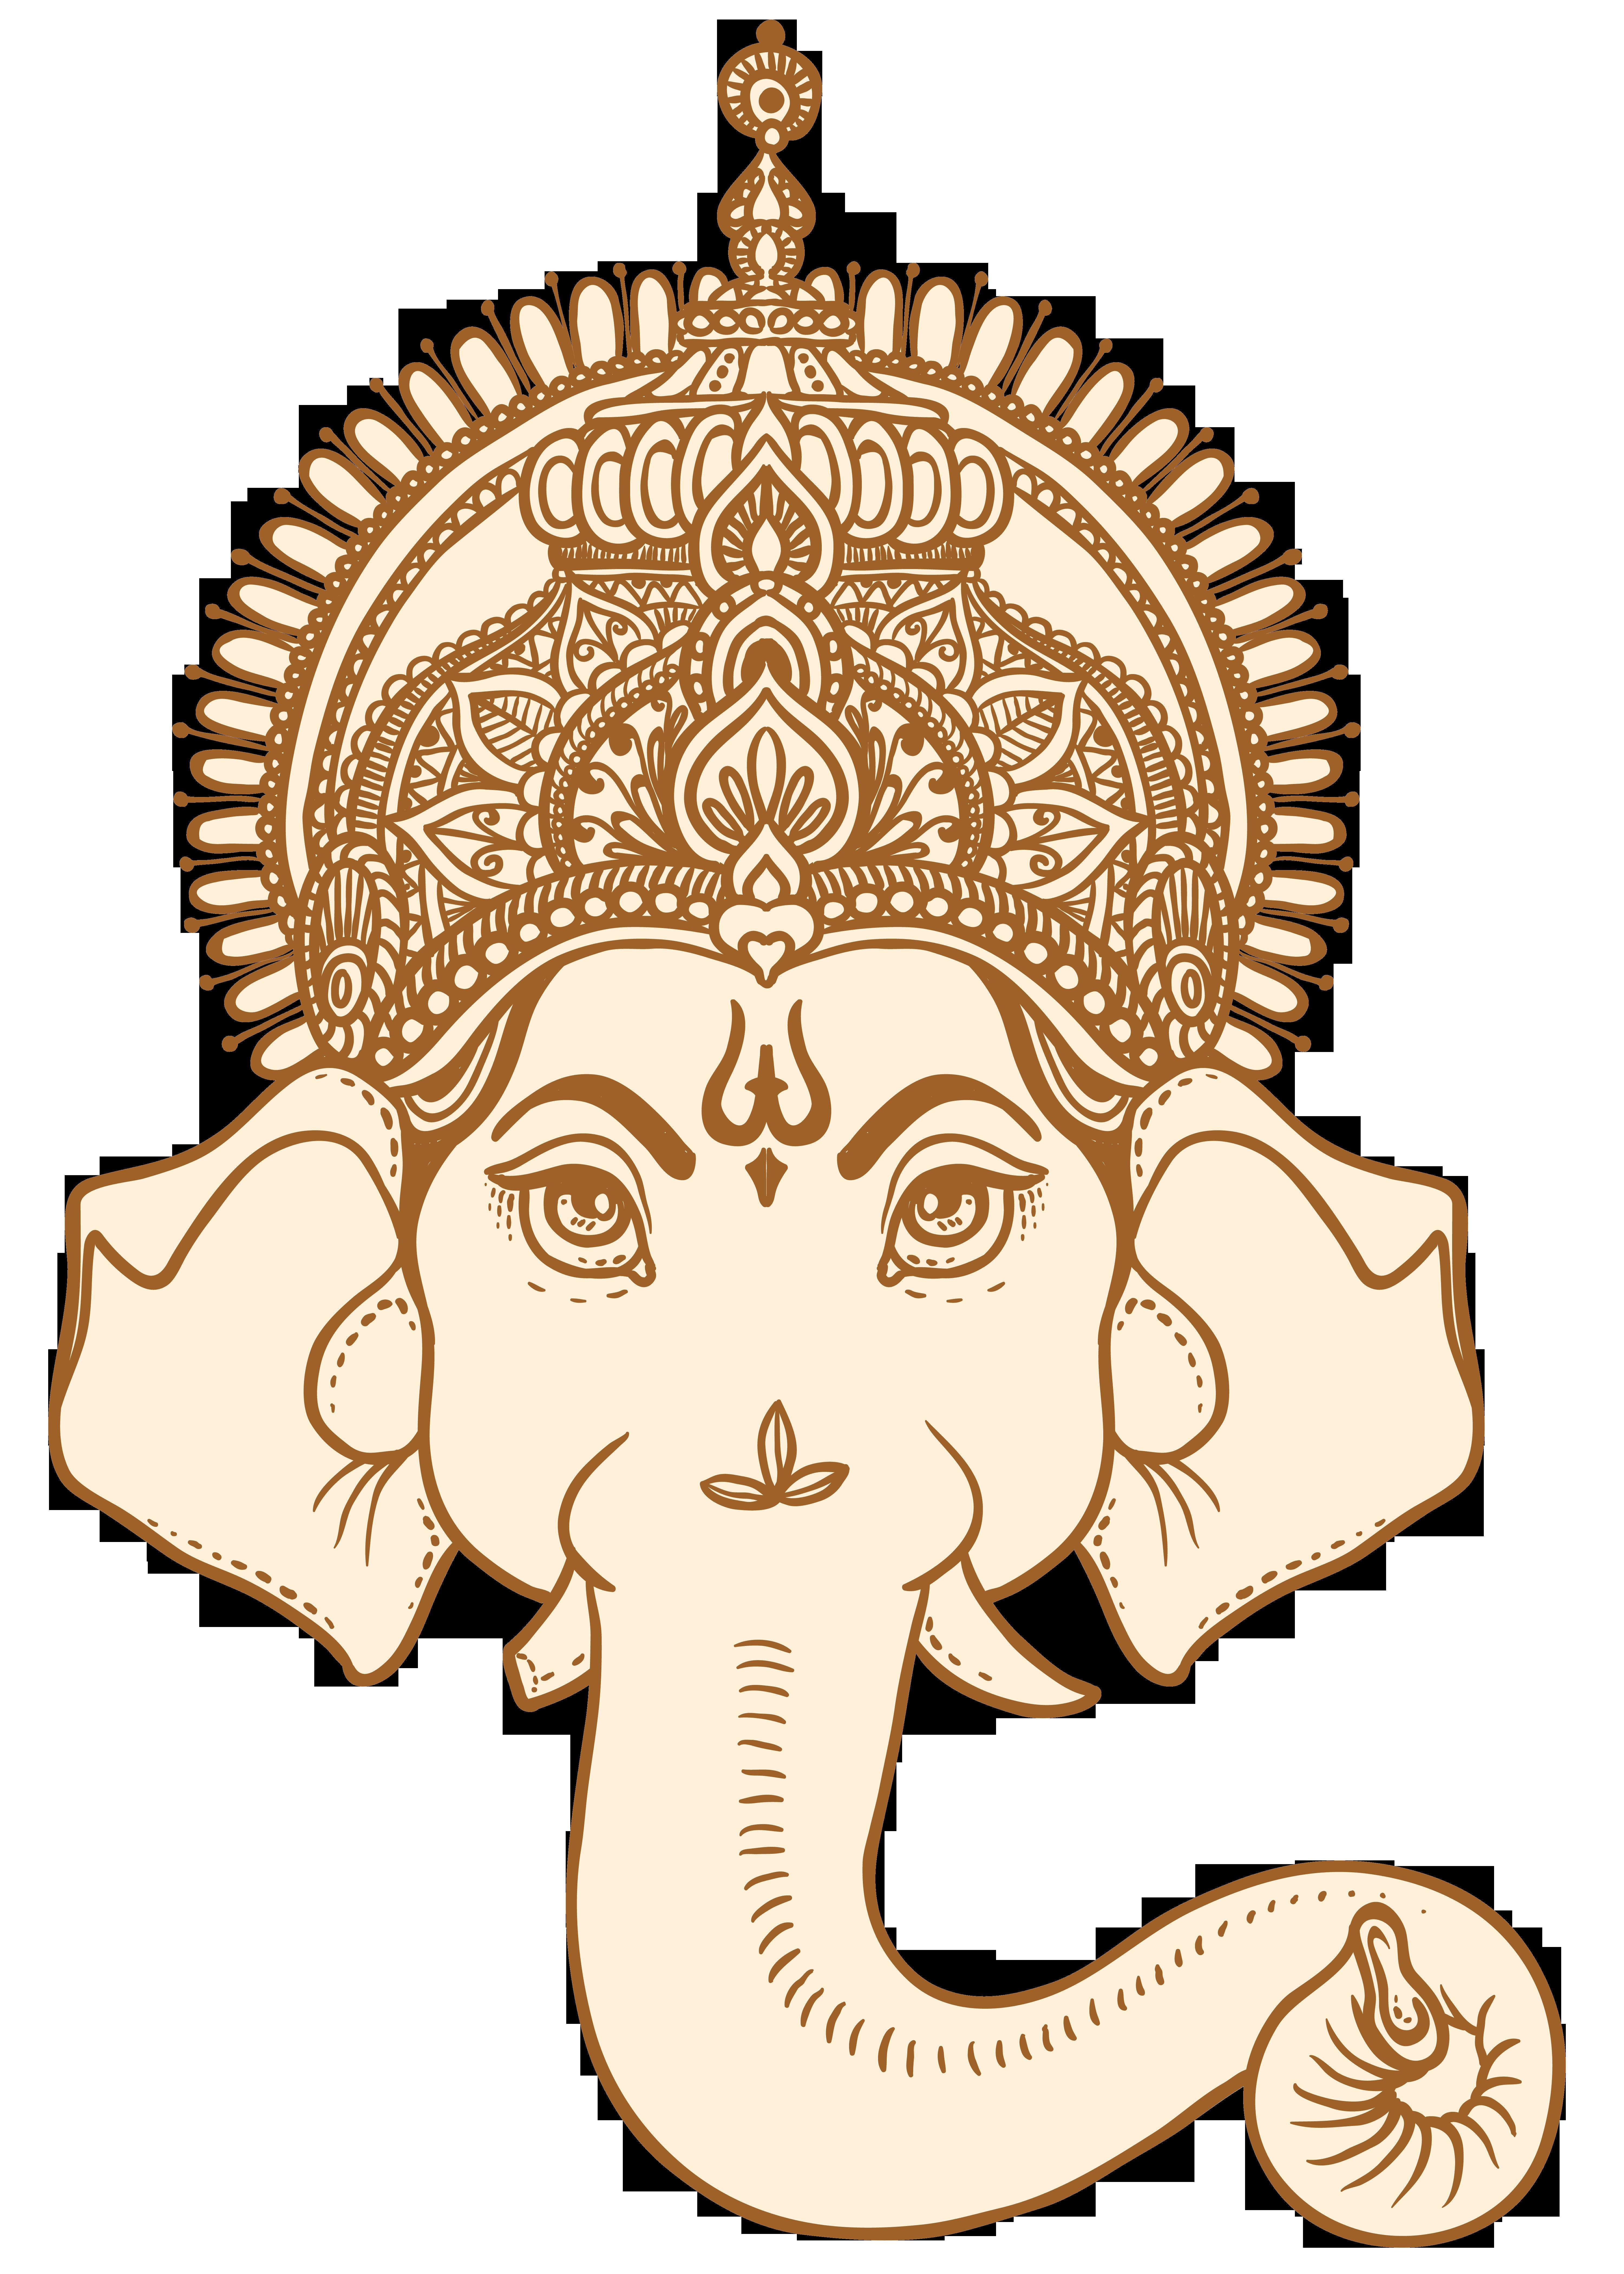 Feet Clipart Laxmi Picture 1079640 Feet Clipart Laxmi Elephant , little elephant , gray elephant illustration transparent background png clipart. feet clipart laxmi picture 1079640 feet clipart laxmi